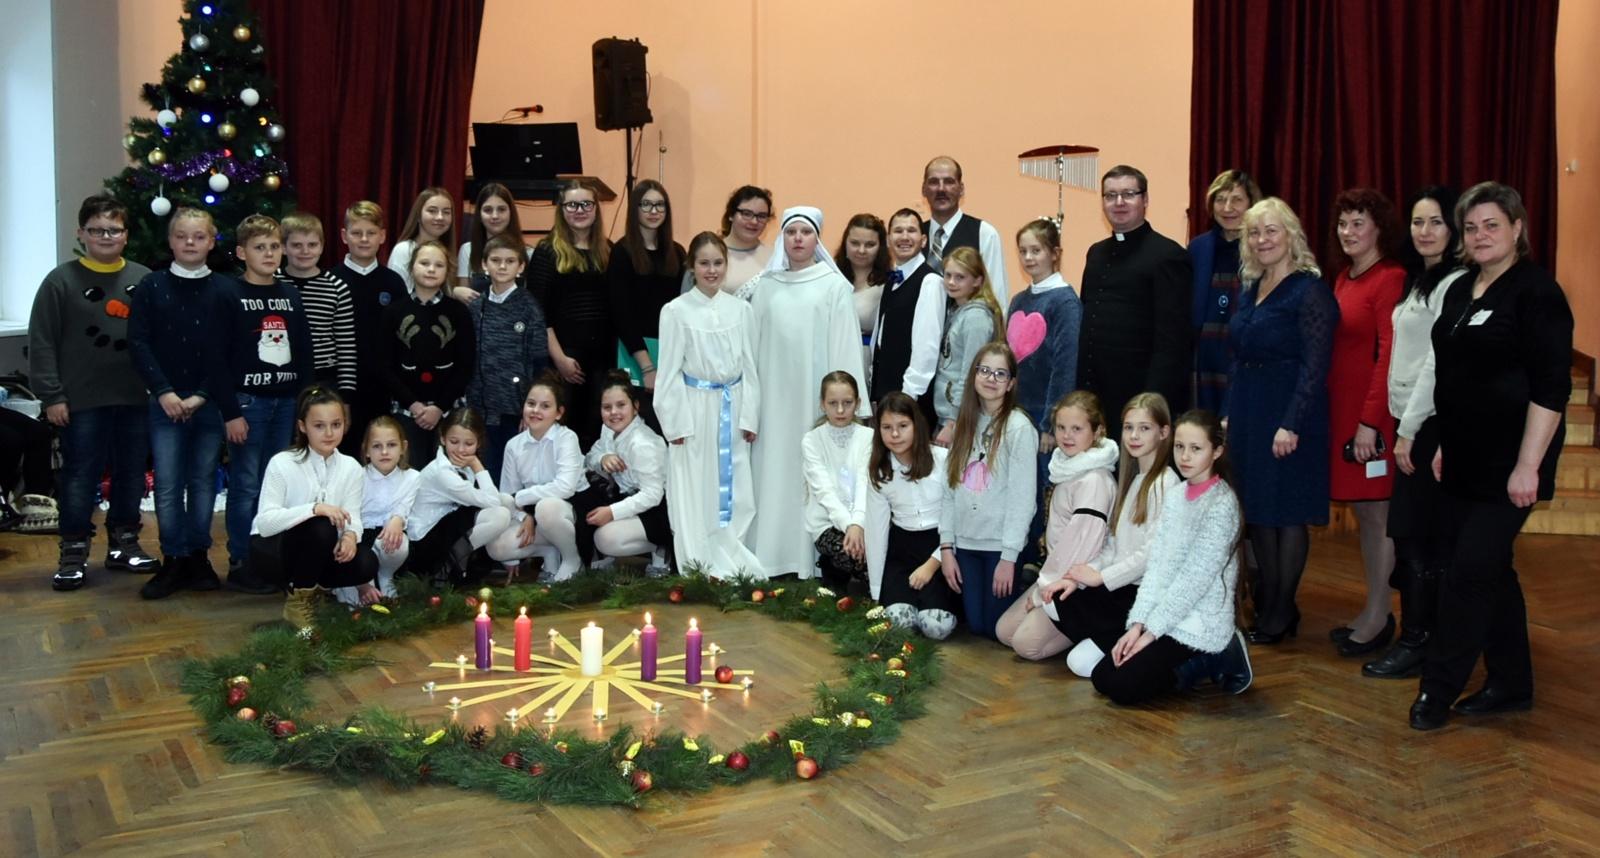 Šiaulių Dainų progimnazijos mokiniai Aukštelkės socialiniuose globos namuose